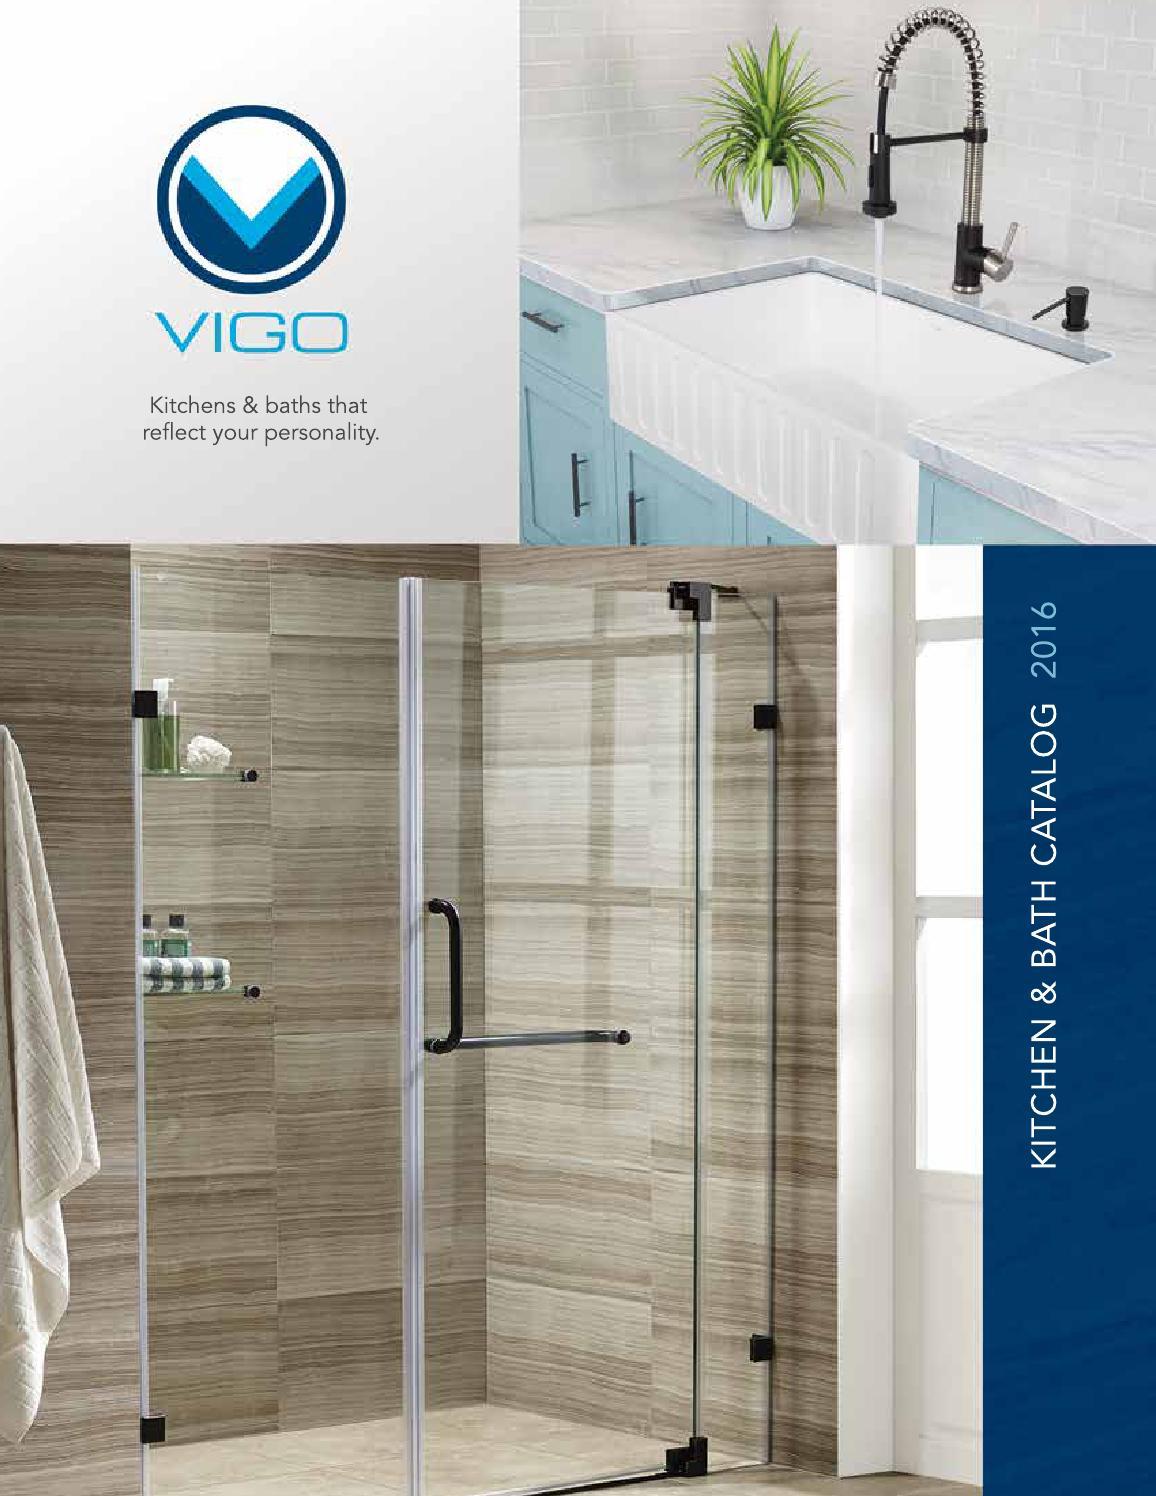 Vigo Laurelton Pull Down Spray Kitchen Faucet In Matte Black vigo 2016 catalog final by maier bianchi - issuu